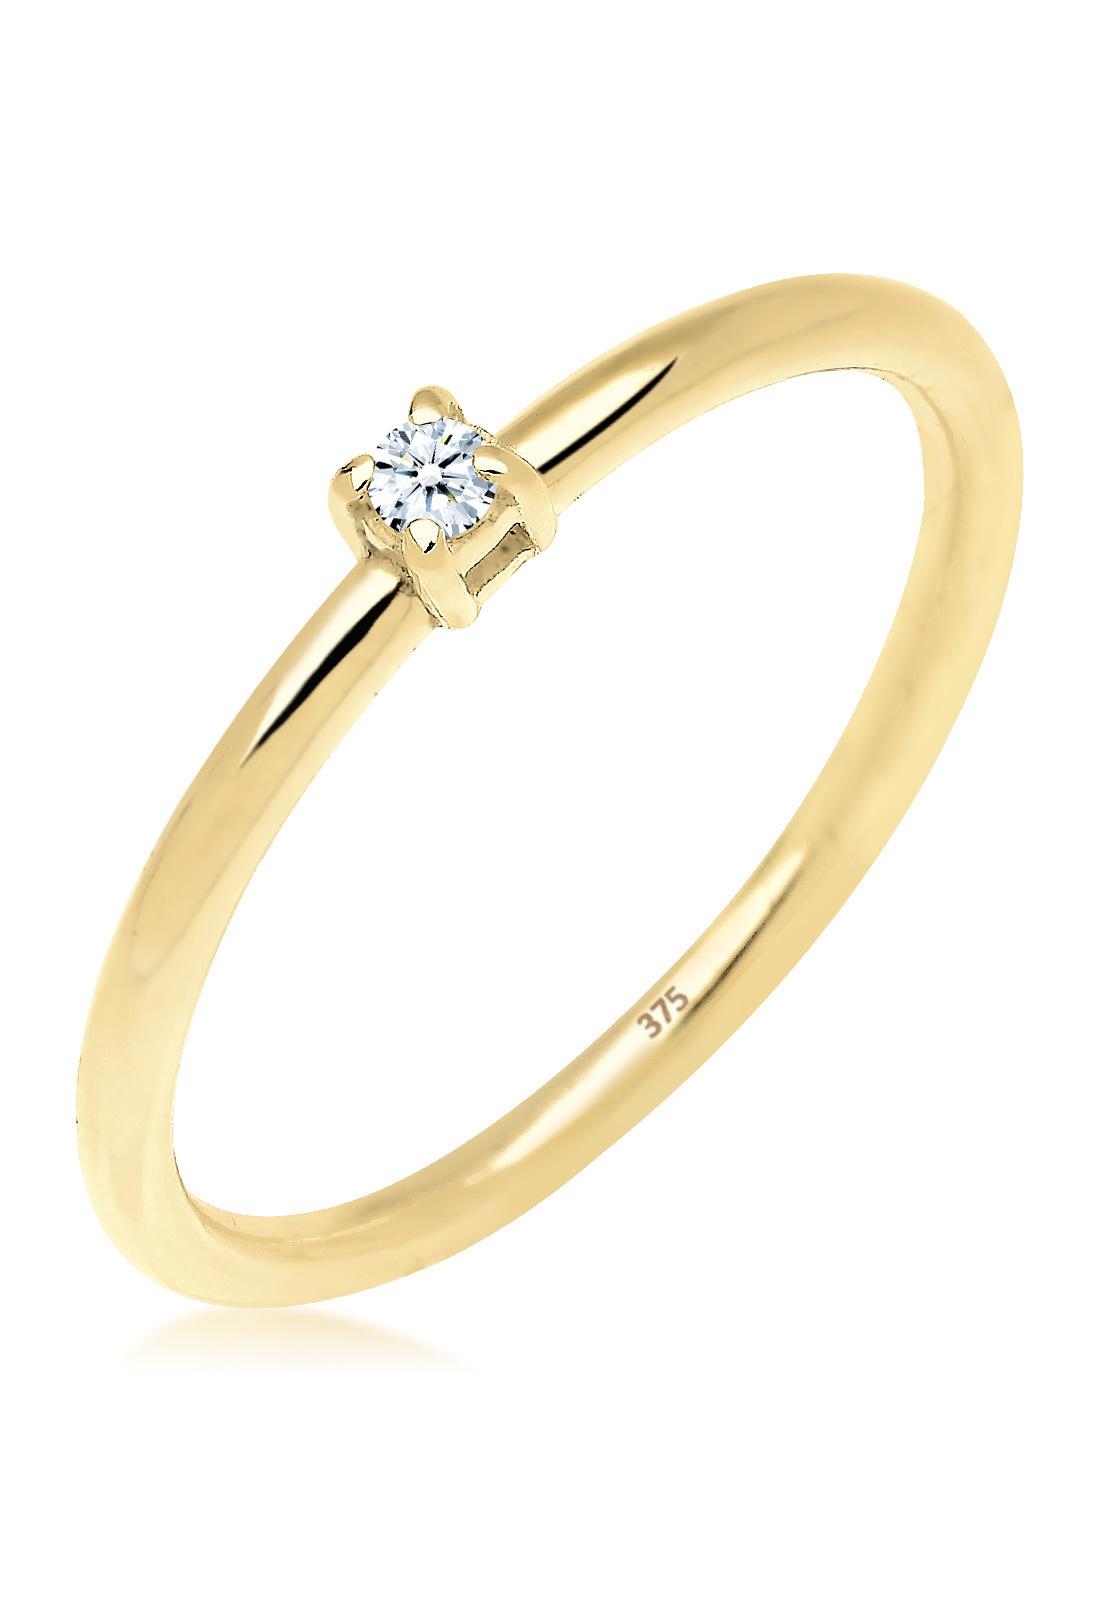 Verlobungsring | Diamant ( Weiß, 0,03 ct ) | 375 Gelbgold